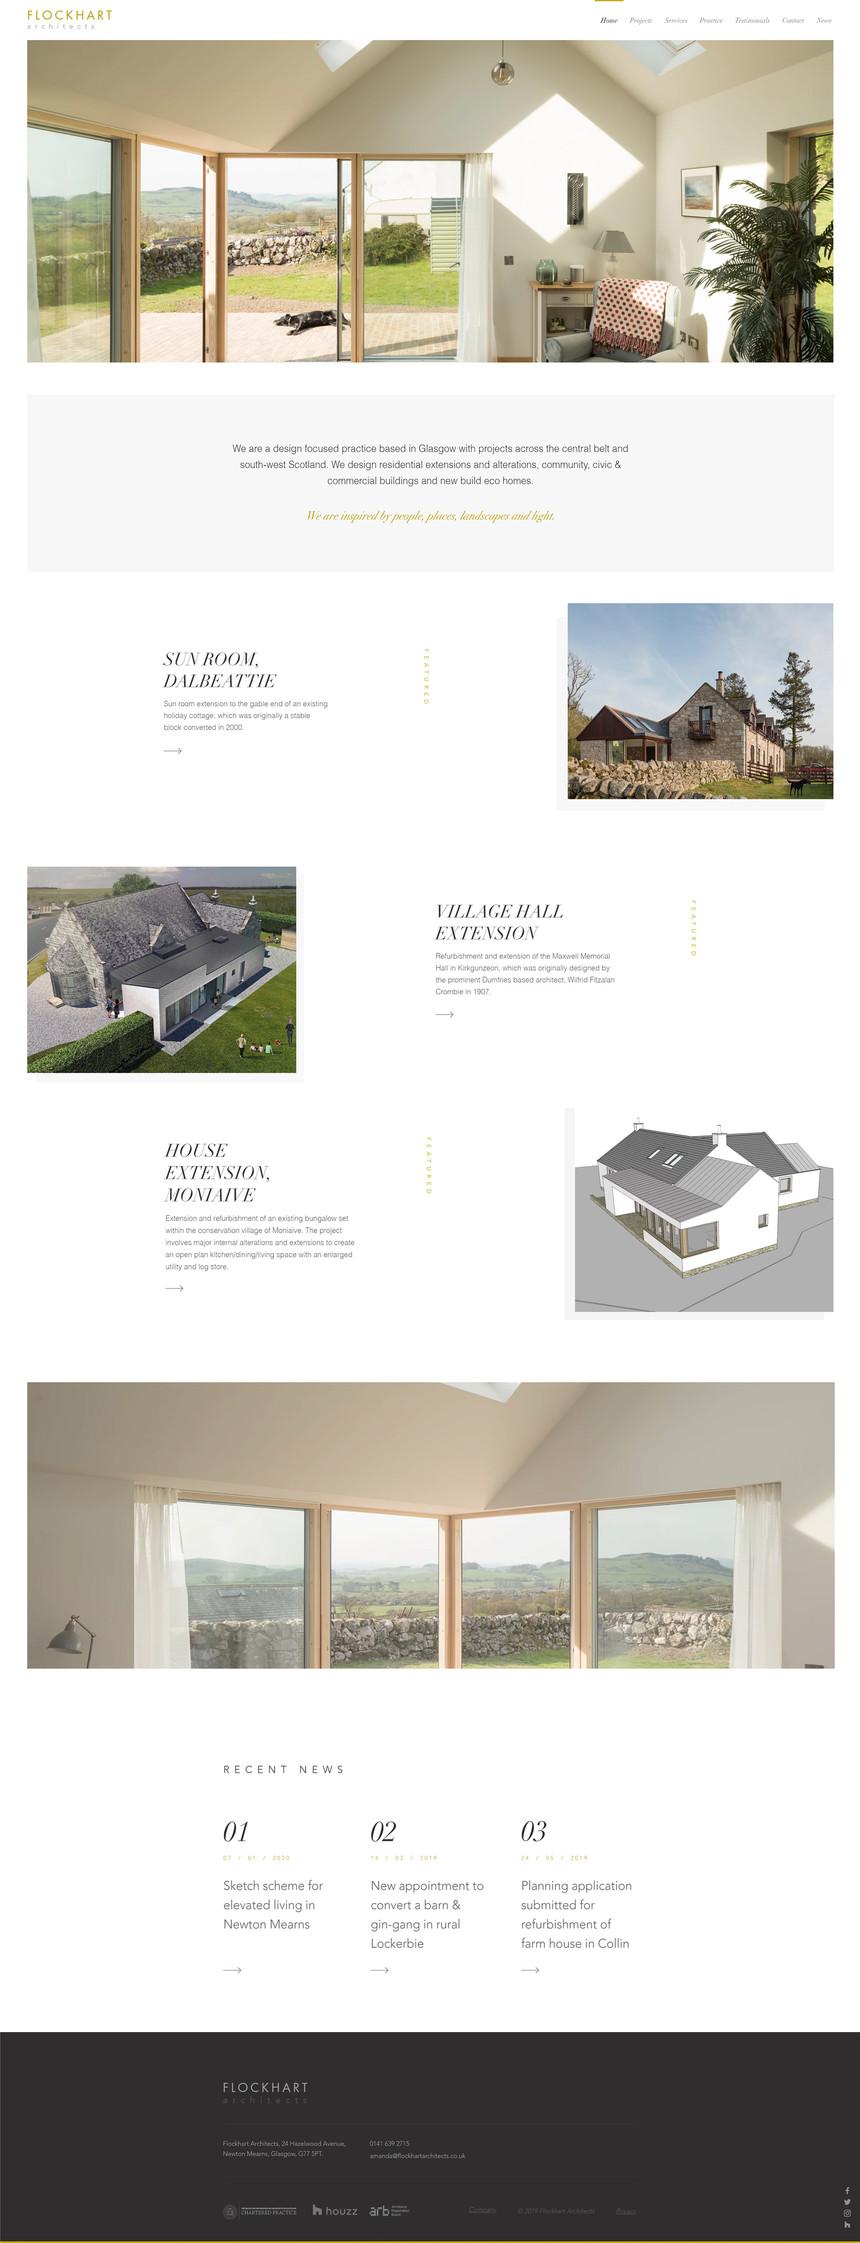 flockhart-full-pagejpg